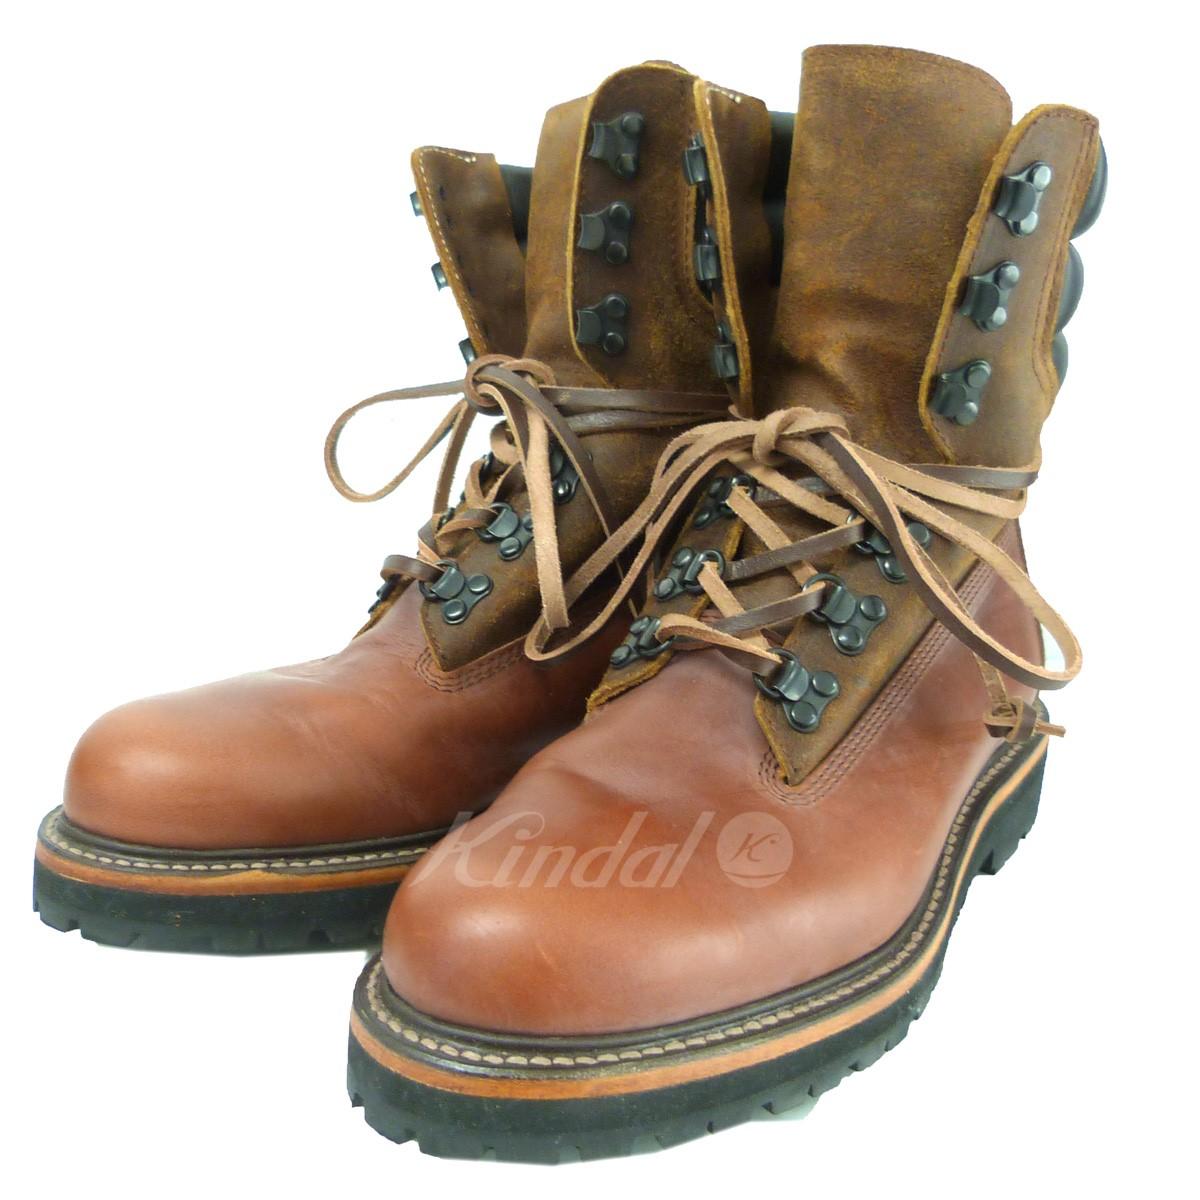 【中古】SUNSEA 14AW 「3way suede boots」3WAYスウェードブーツ ブラウン サイズ:3 【送料無料】 【070319】(サンシー), Timeless 6ea43530